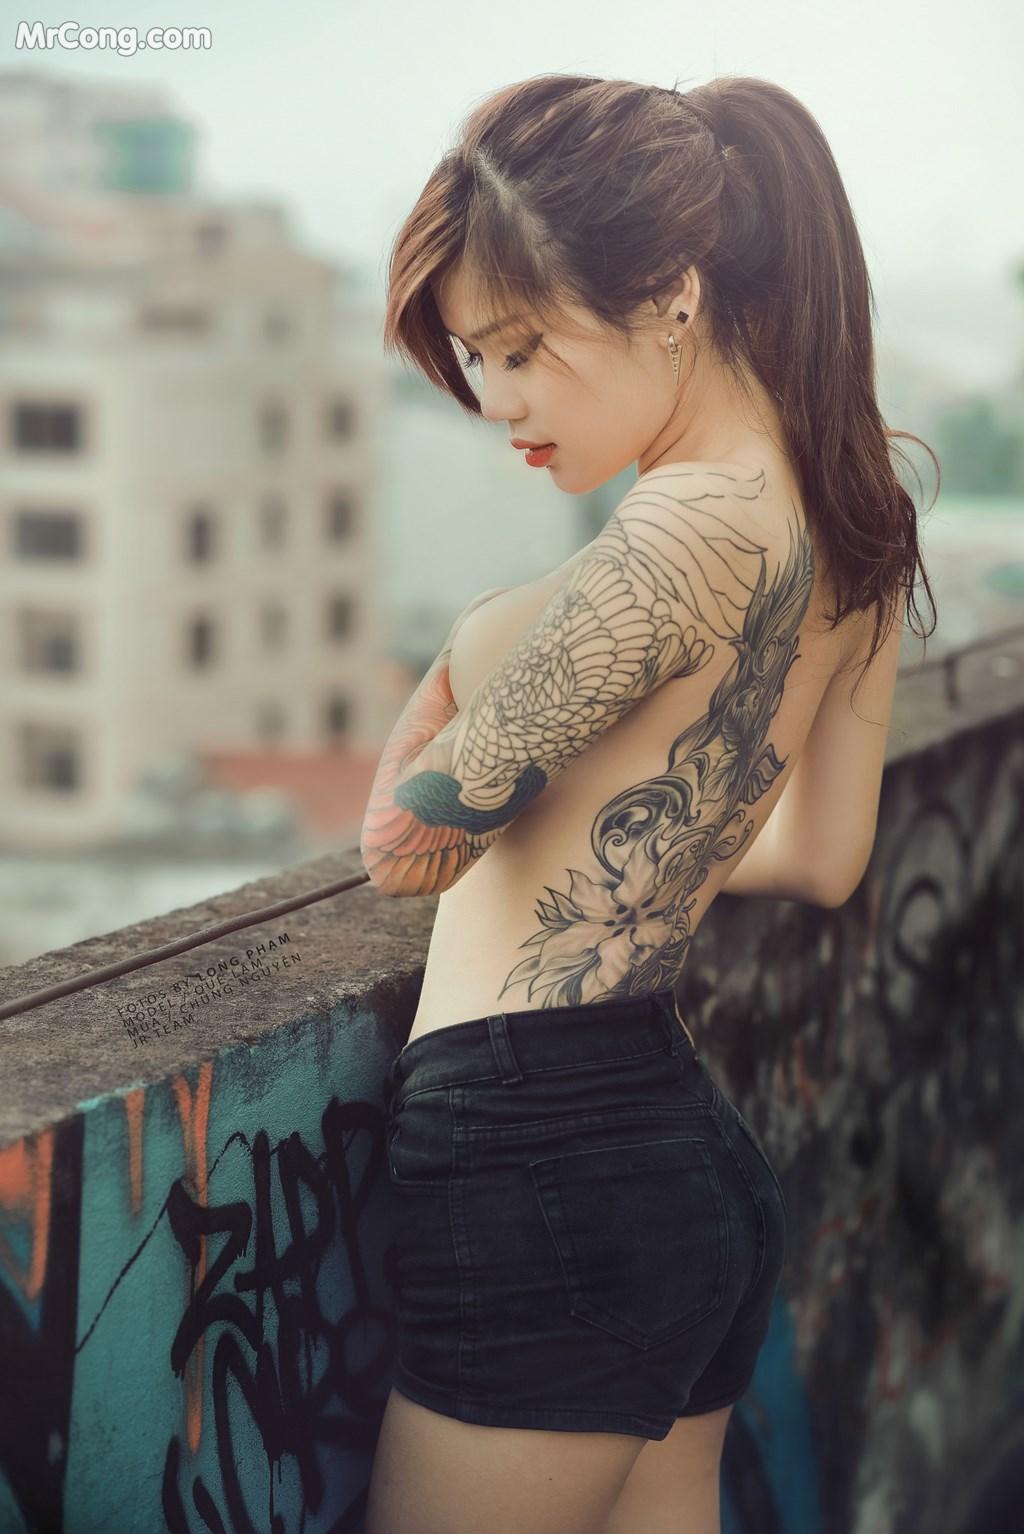 Image Girl-xinh-Viet-Nam-by-Long-Pham-P1-MrCong.com-016 in post Gái Việt xinh đẹp và nóng bỏng qua góc chụp của Long Phạm - Phần 1 (405 ảnh)